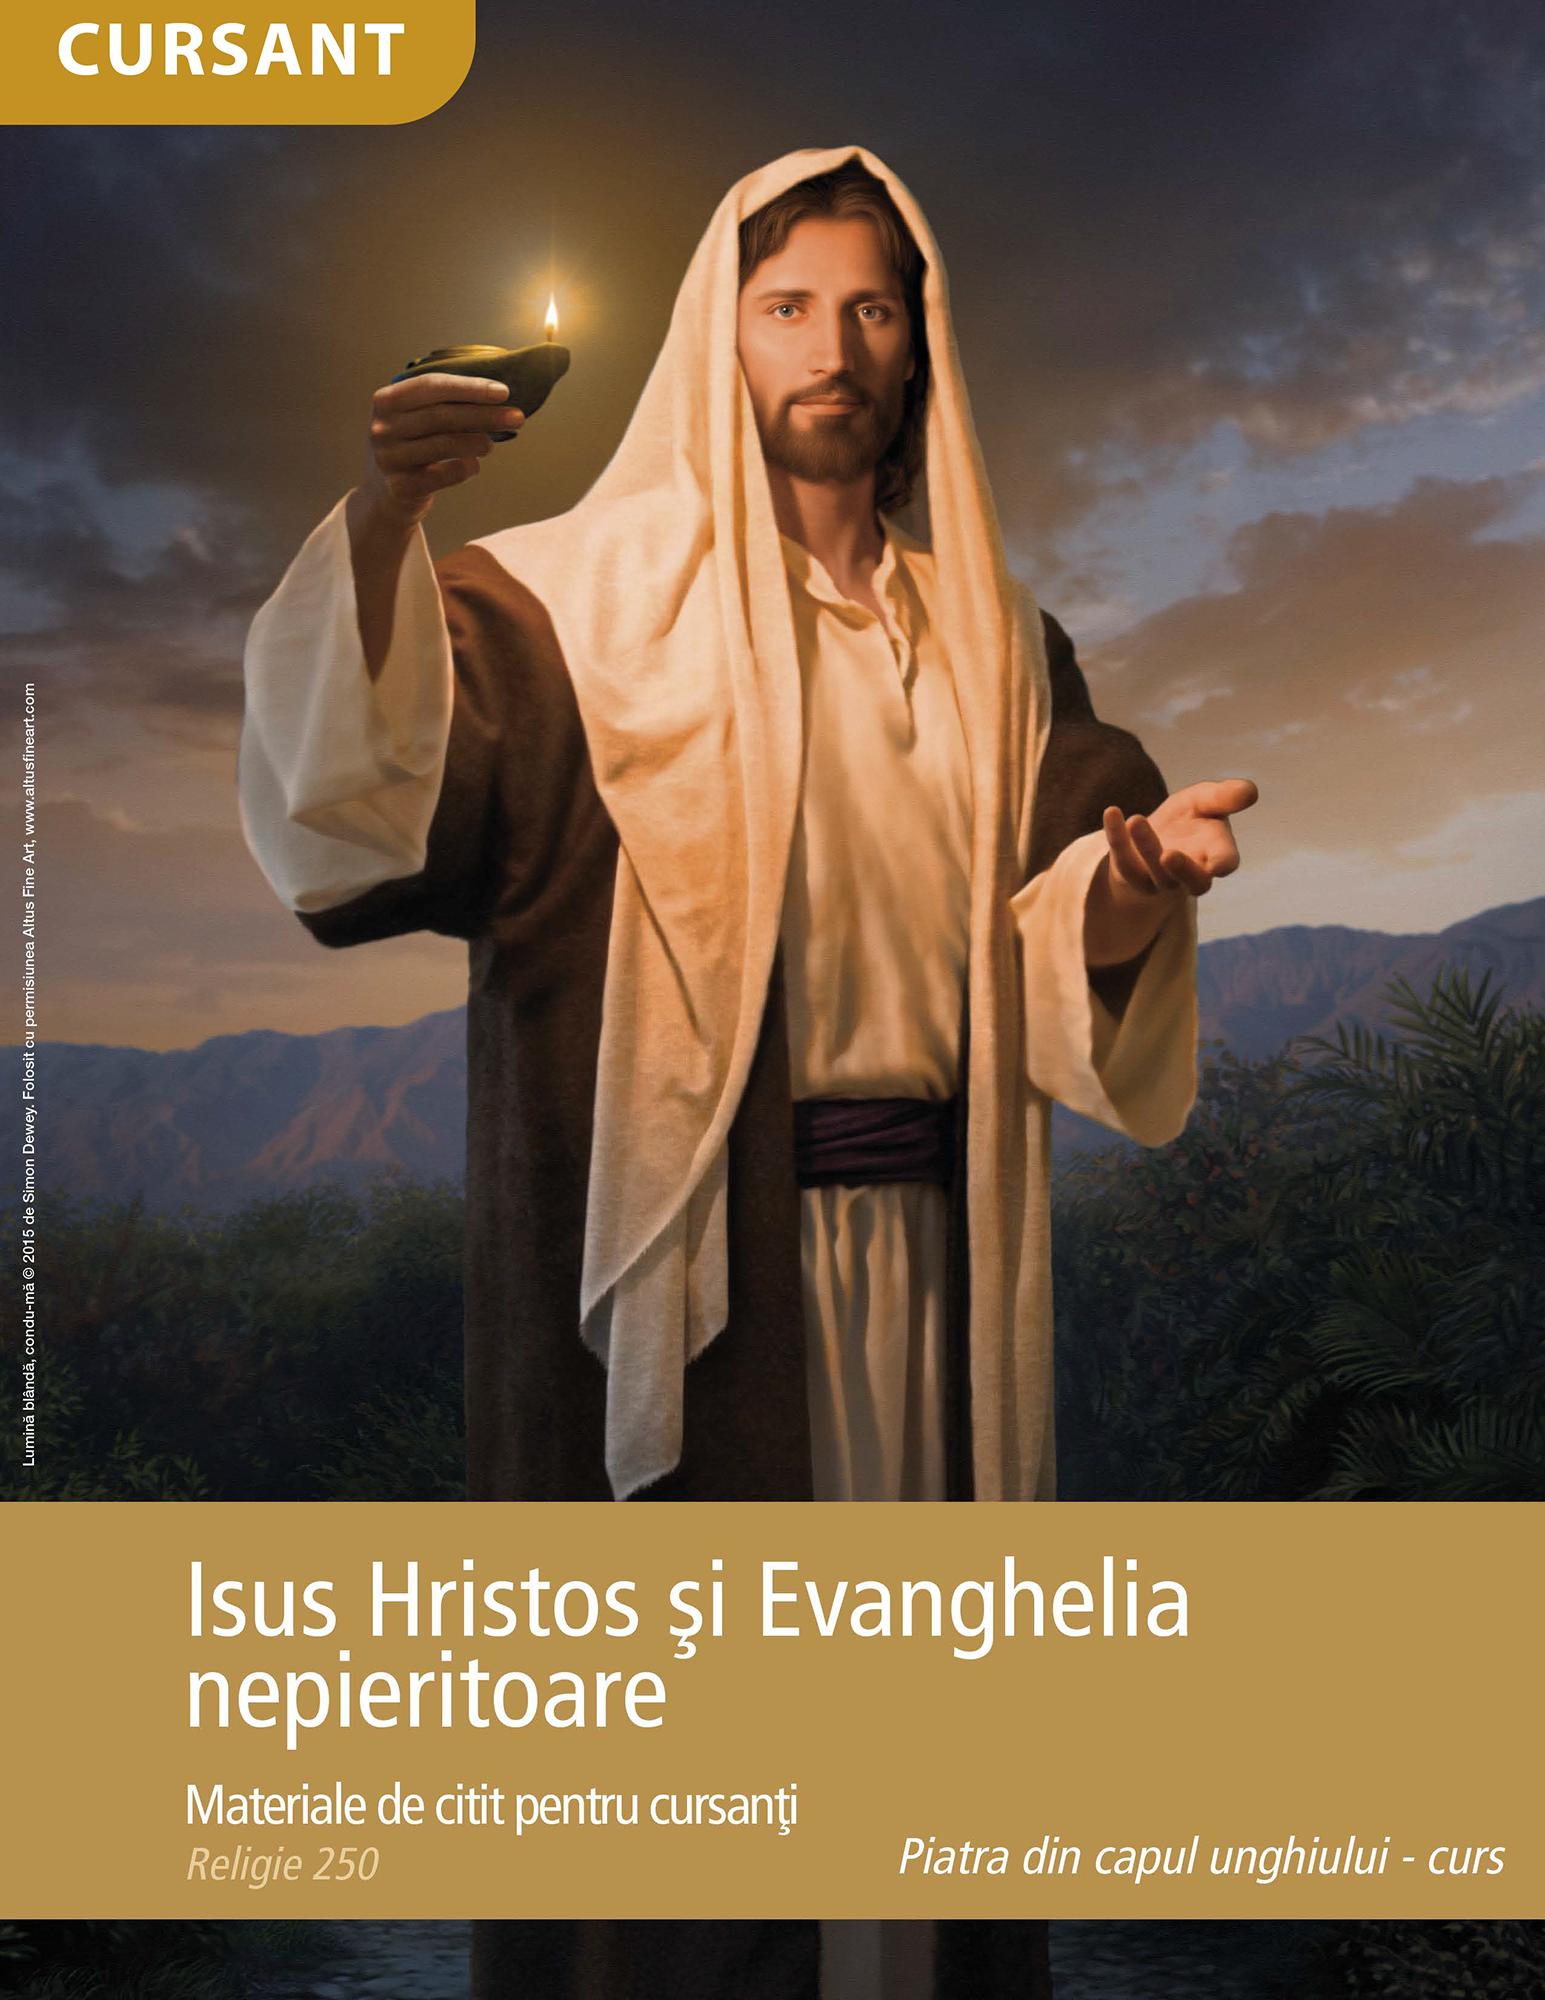 Isus Hristos şi Evanghelia nepieritoare – materiale de citit pentru cursanţi (Rel 250)